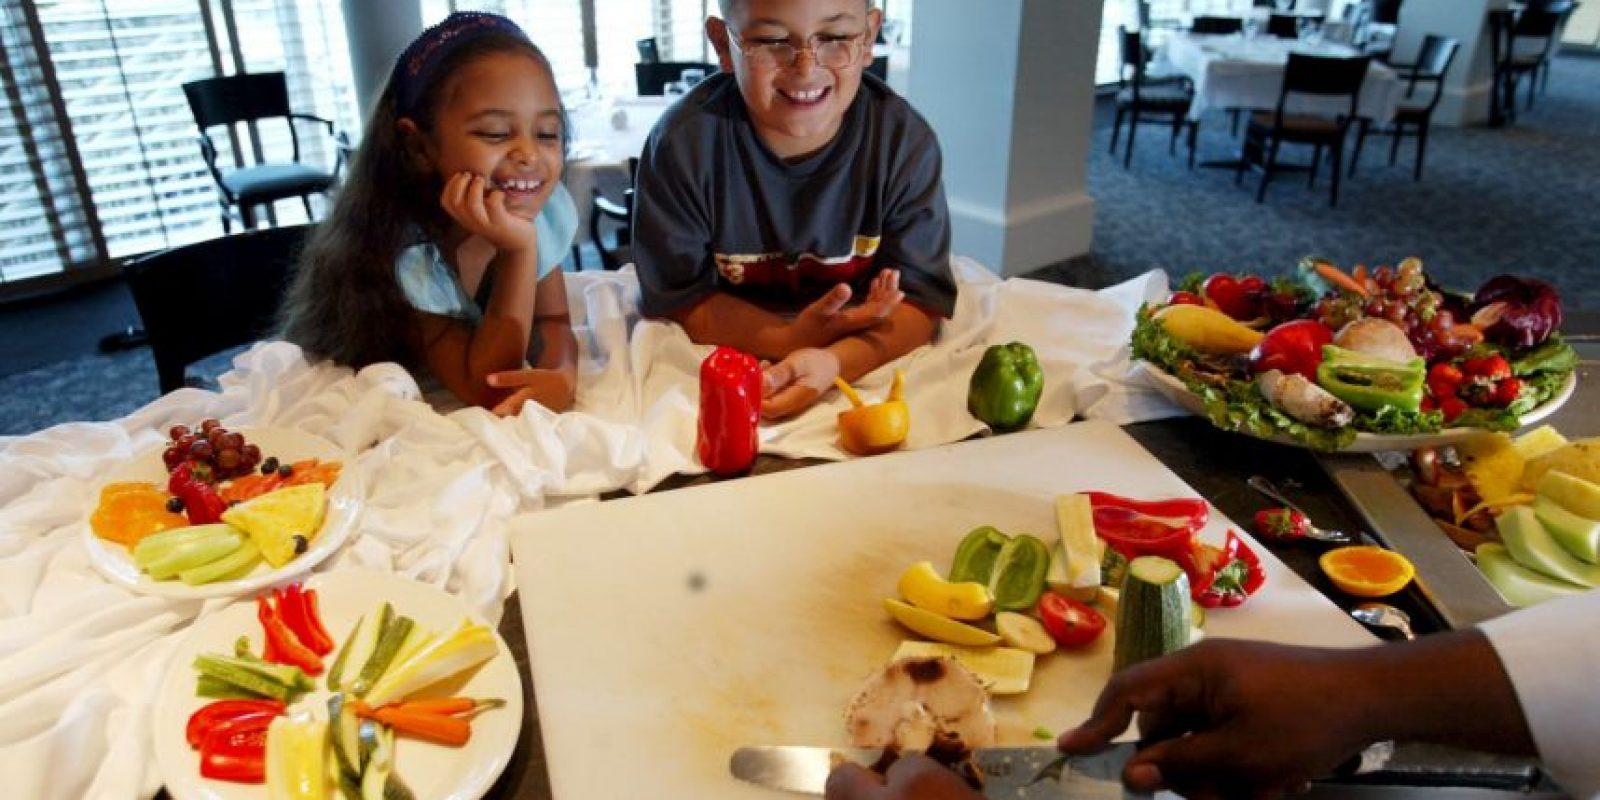 2. Media mañana: • copos de arroz• Semillas• Polvo de proteína vegano• Verdes • Aceite de lino Foto:Getty Images